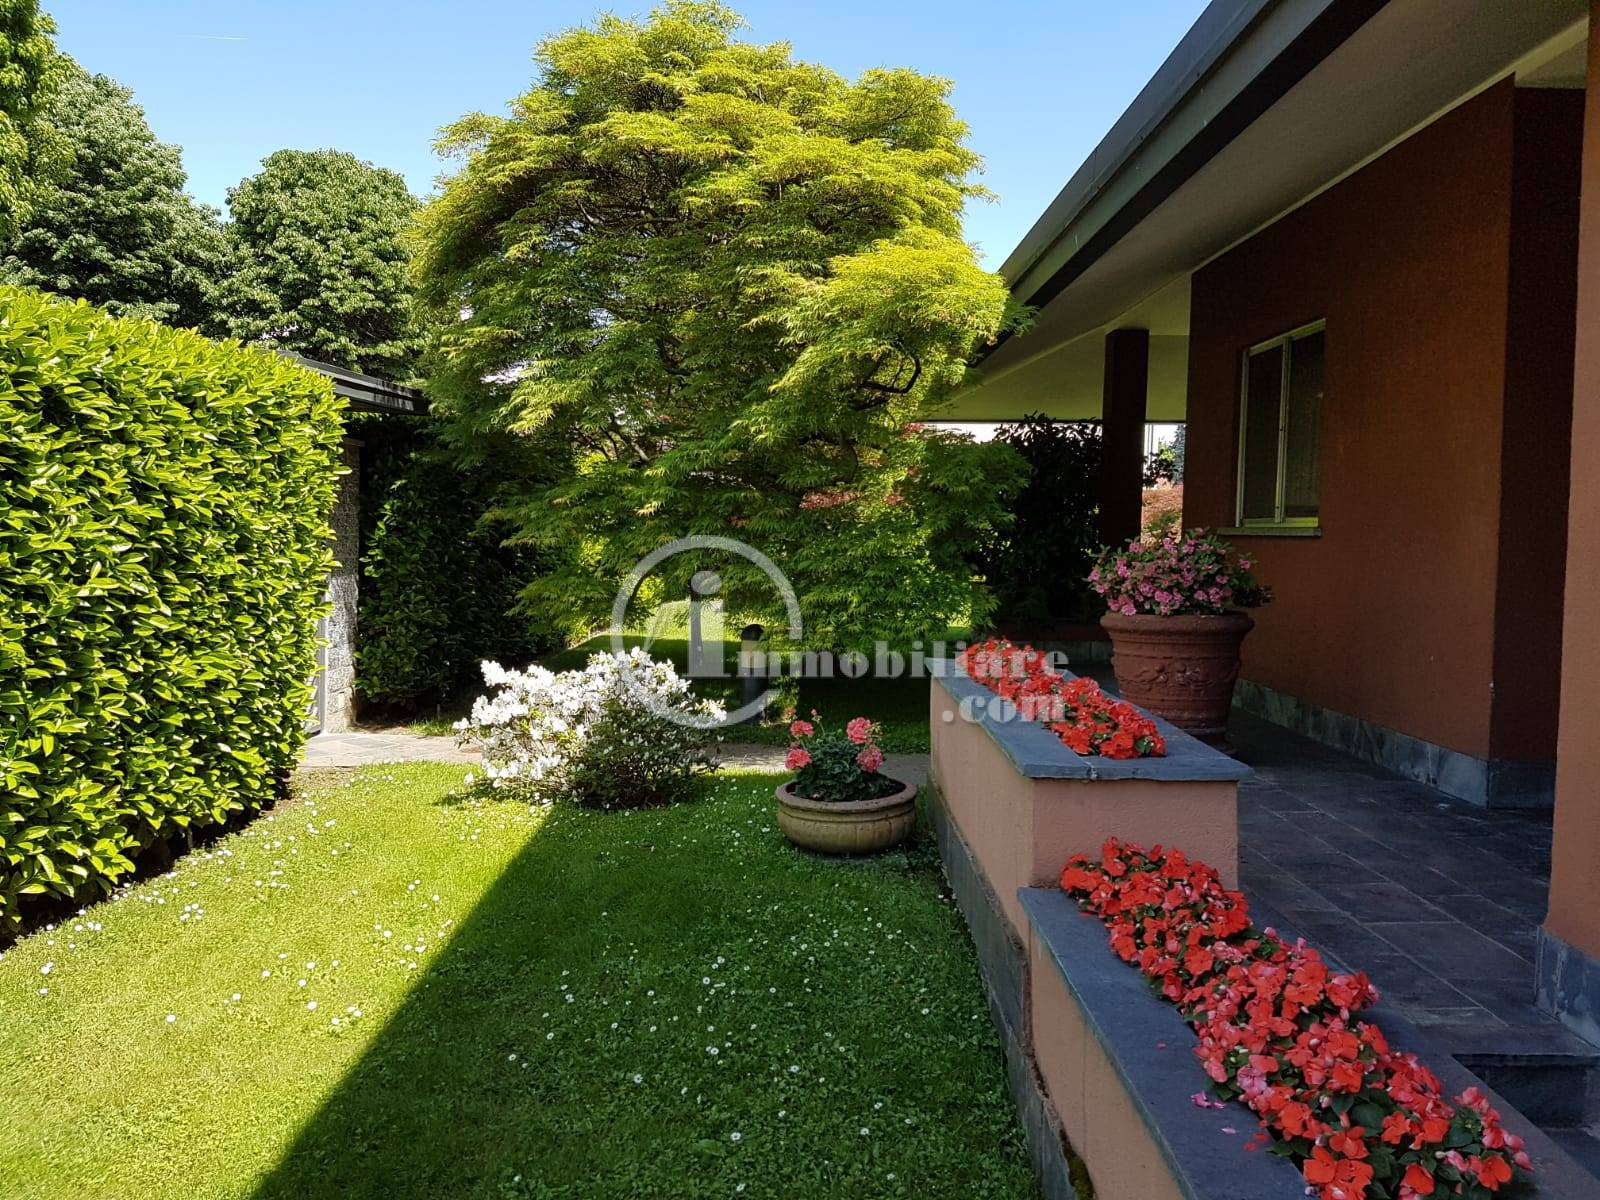 Villa in Vendita a Trezzano Sul Naviglio: 5 locali, 280 mq - Foto 1